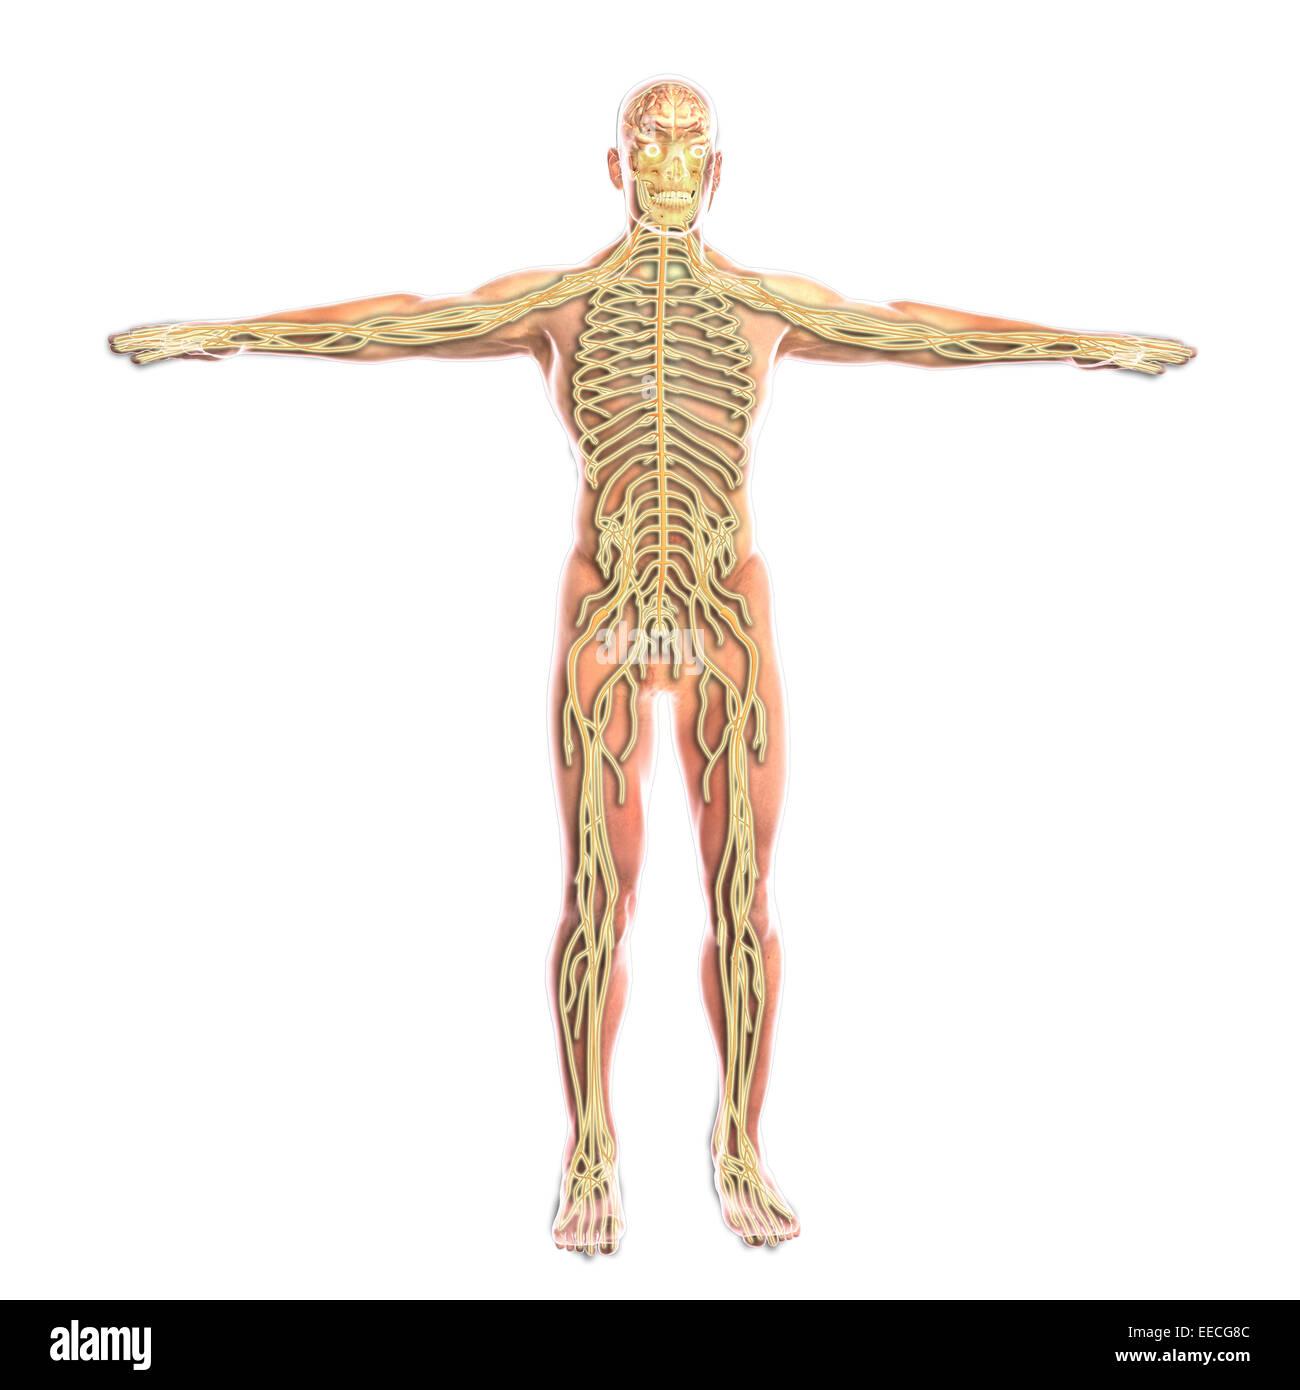 Human Arm Nerves Stockfotos & Human Arm Nerves Bilder - Alamy